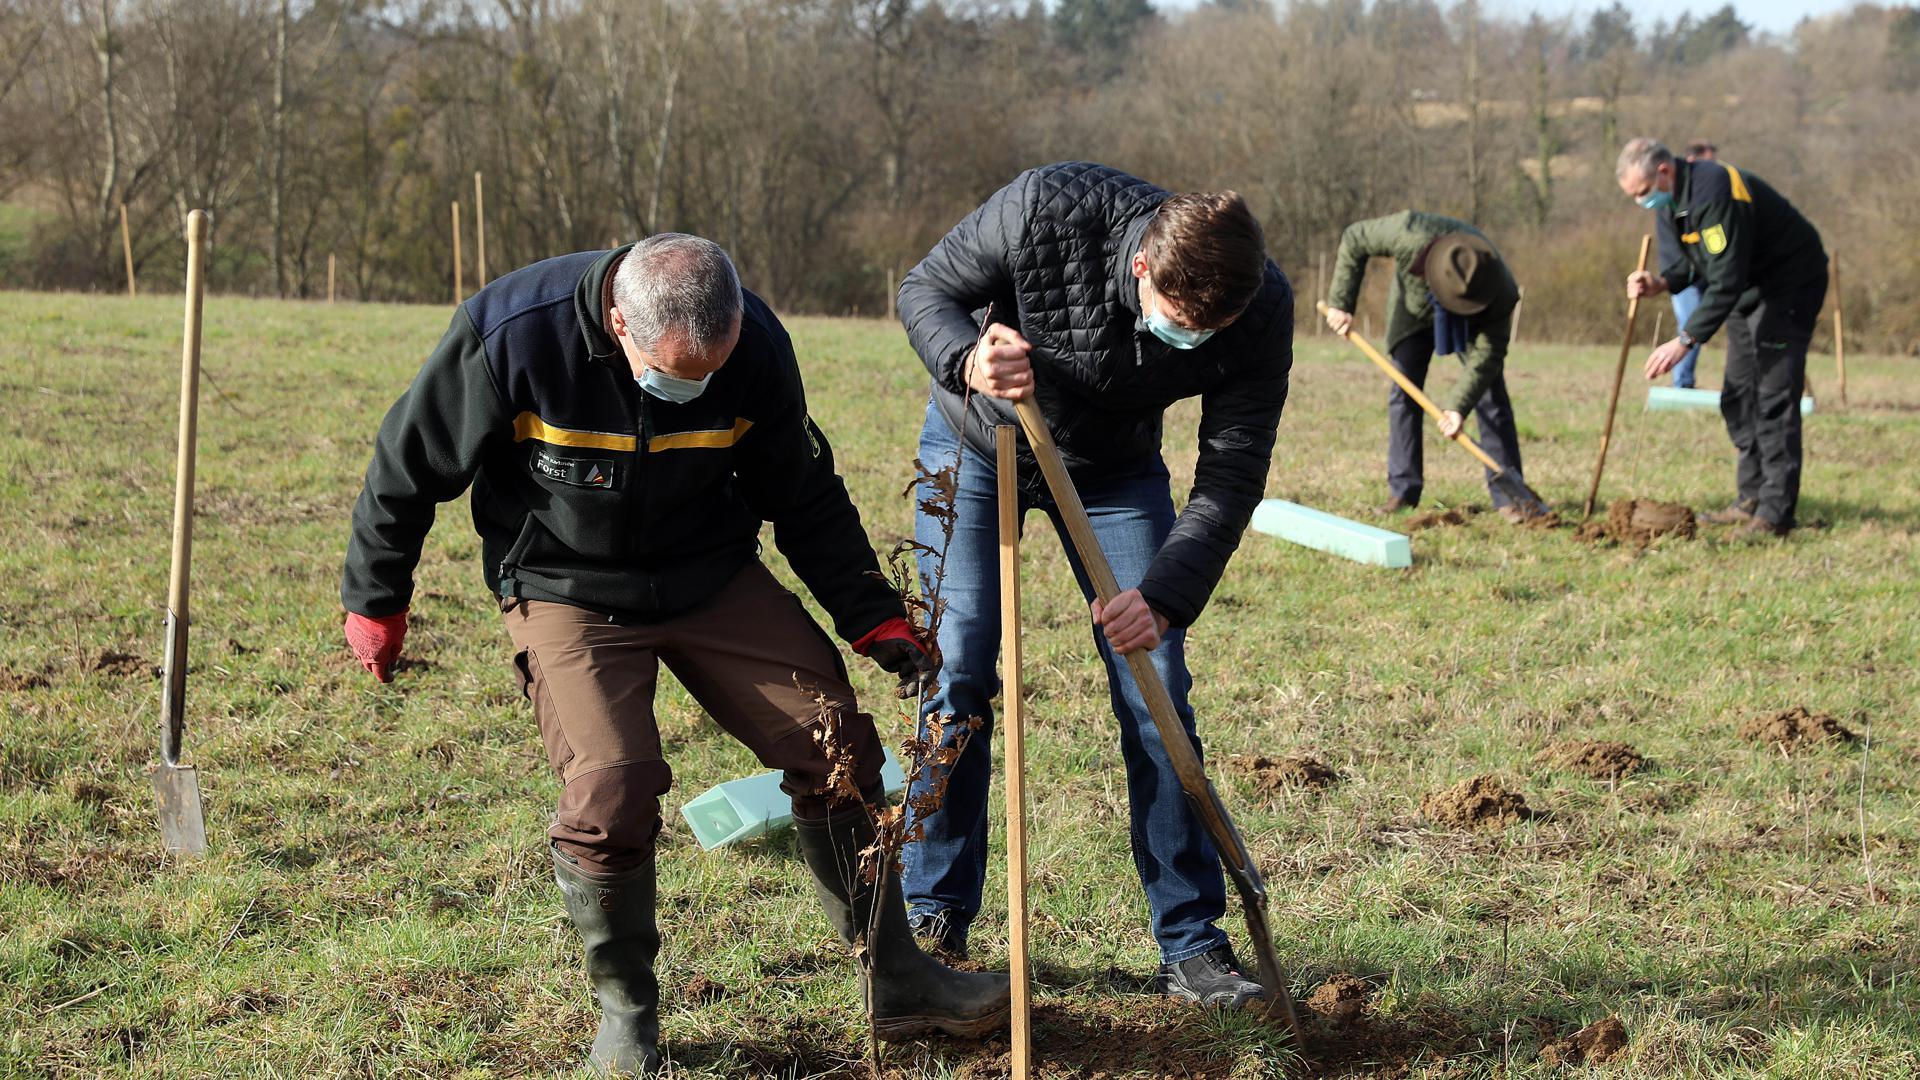 Mitarbeiter von Forst, Stadt und KSC – von links Ulrich Kienzler, Michael Becker, Thomas Hock und Bernd Struck – pflanzen junge Bäume am Eisenhafengrund in Durlach.